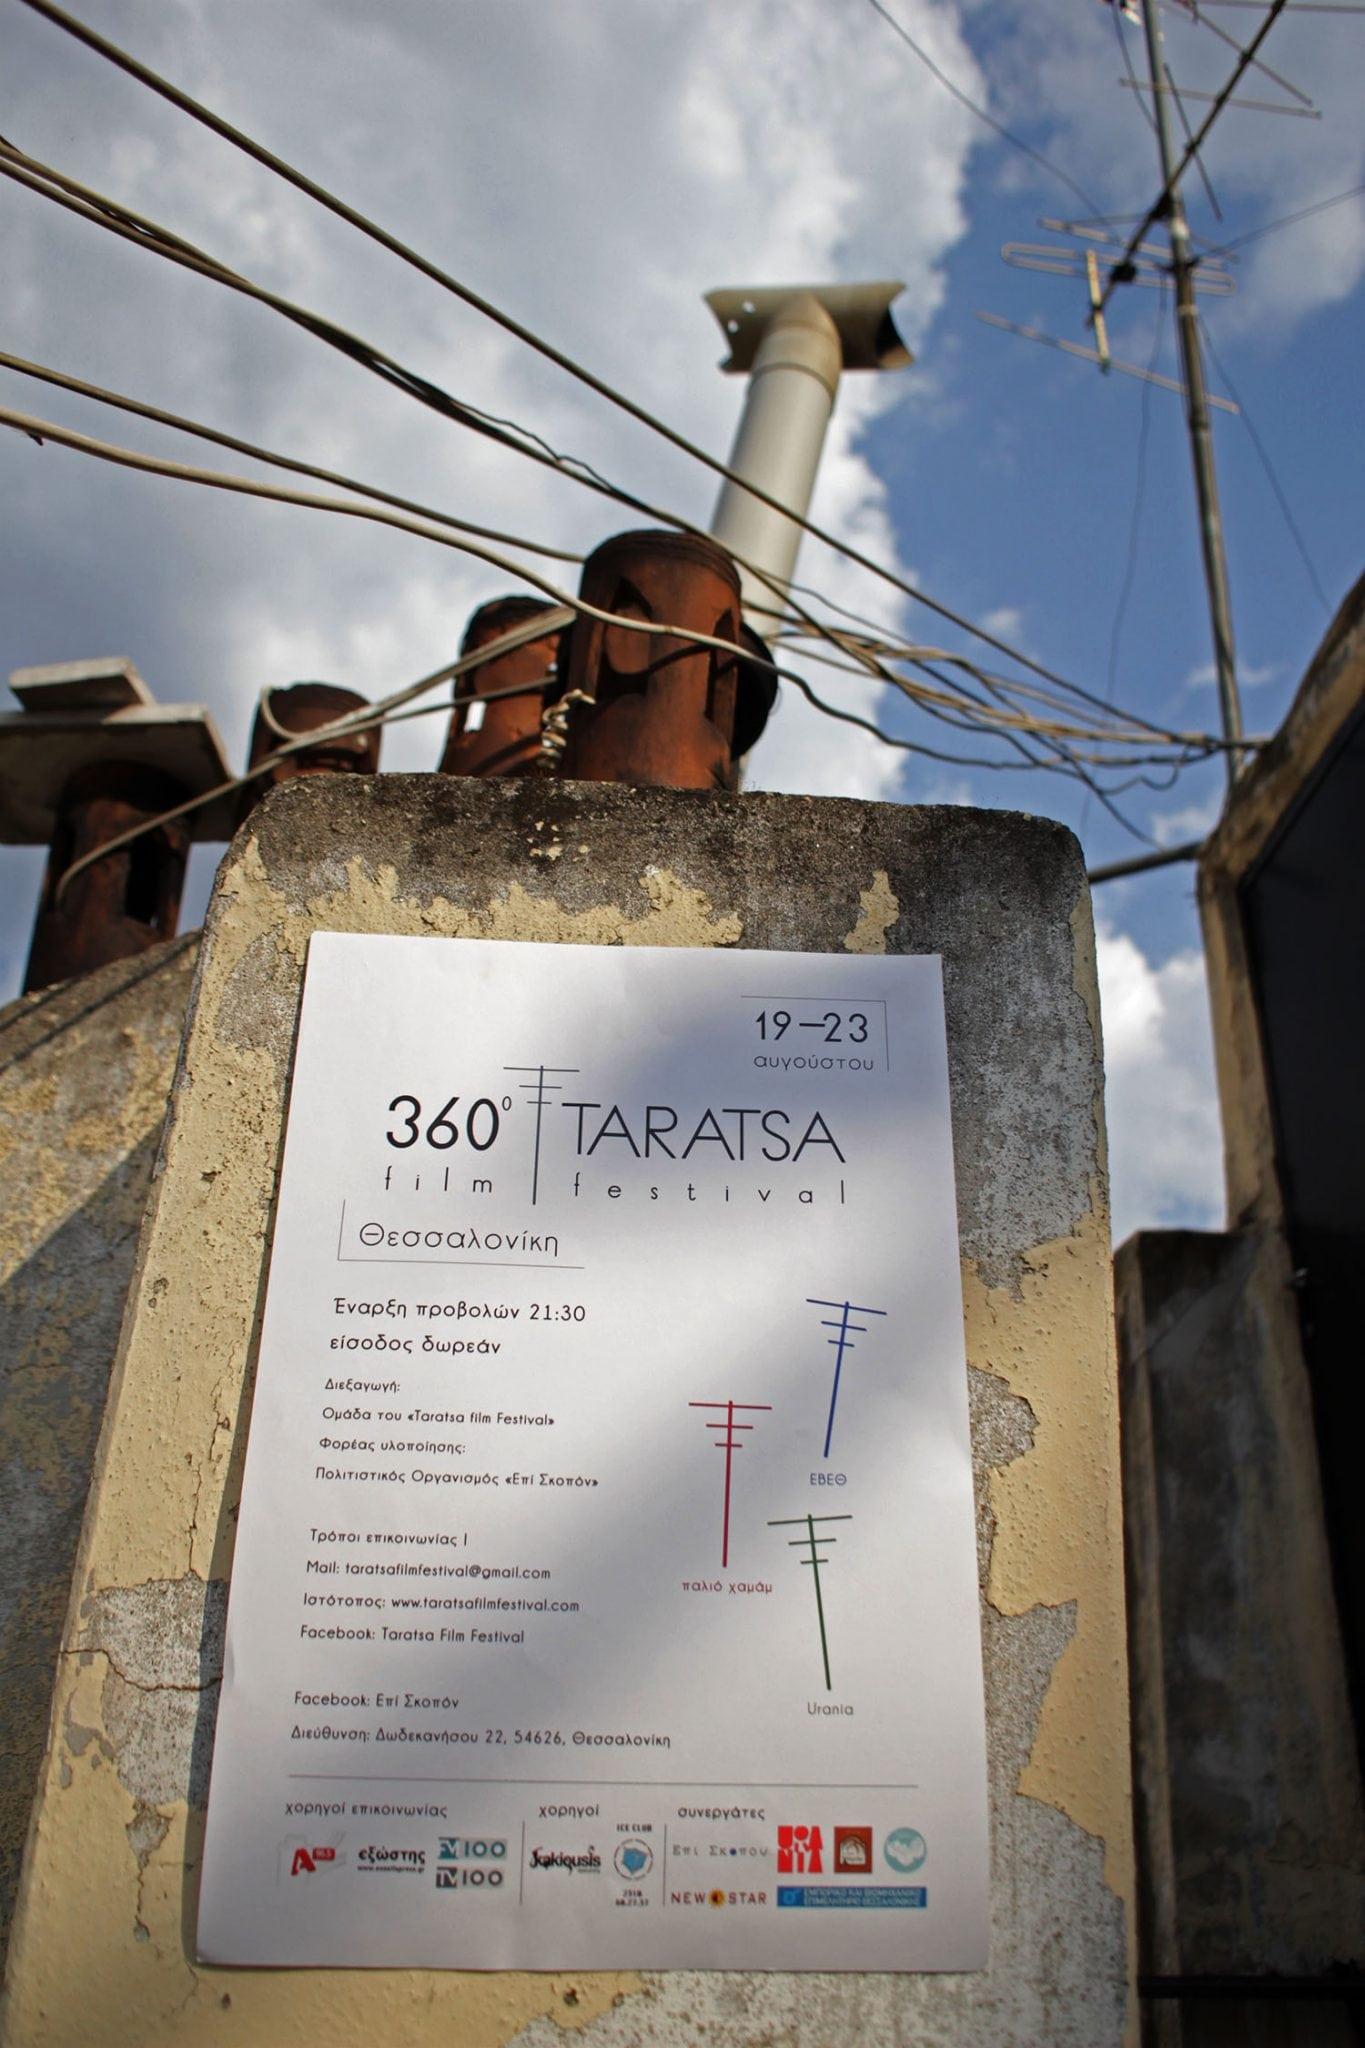 Το Taratsa Film Festival θα κάνει το κέντρο της Θεσσαλονίκης ένα θερινό σινεμά!